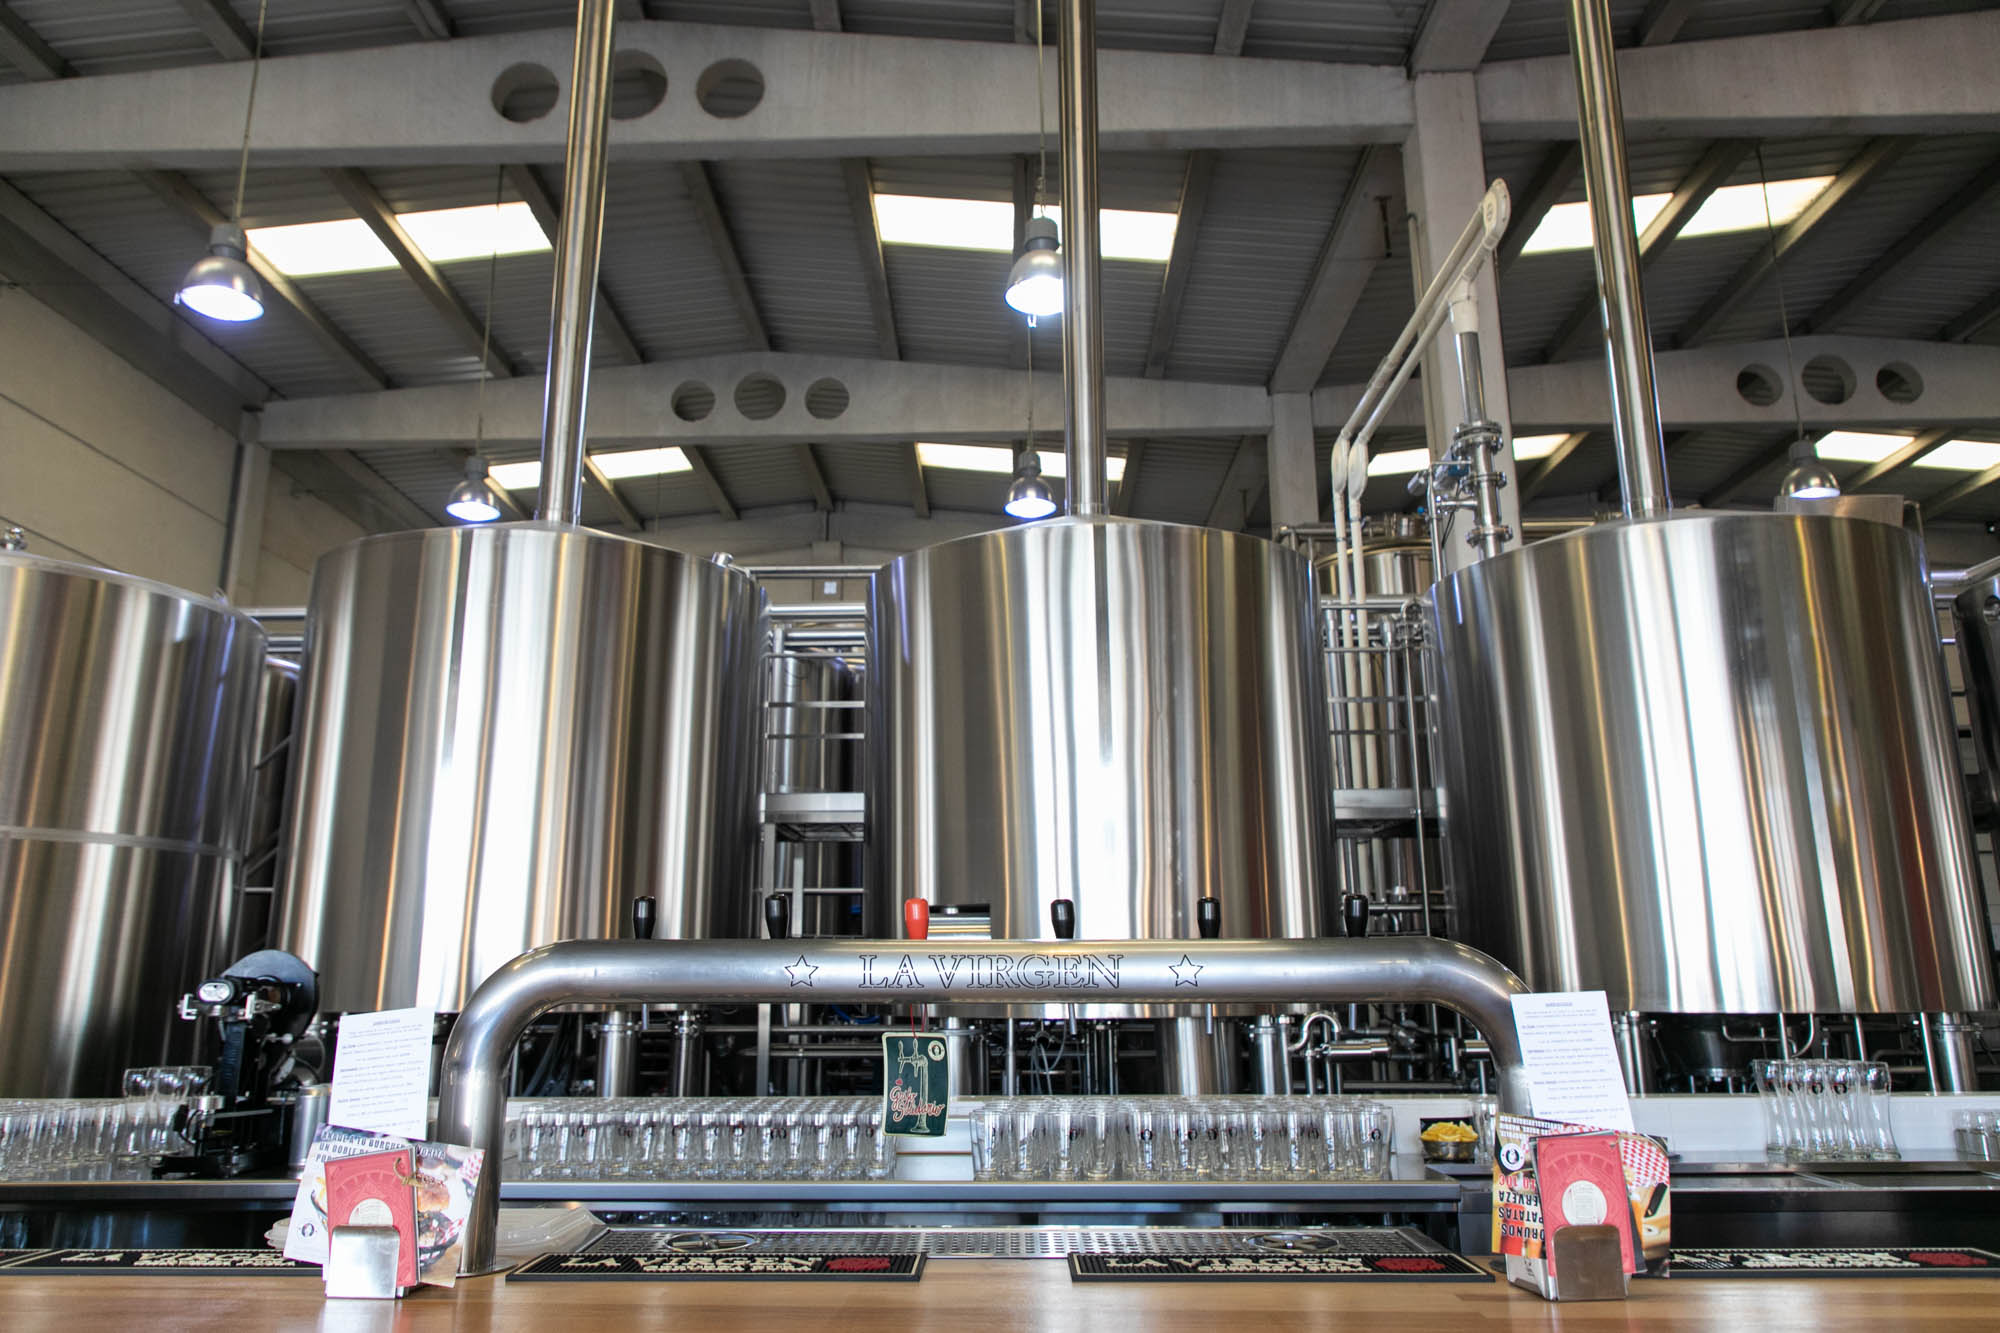 14032019 Cervezas La Virgen 01.jpg